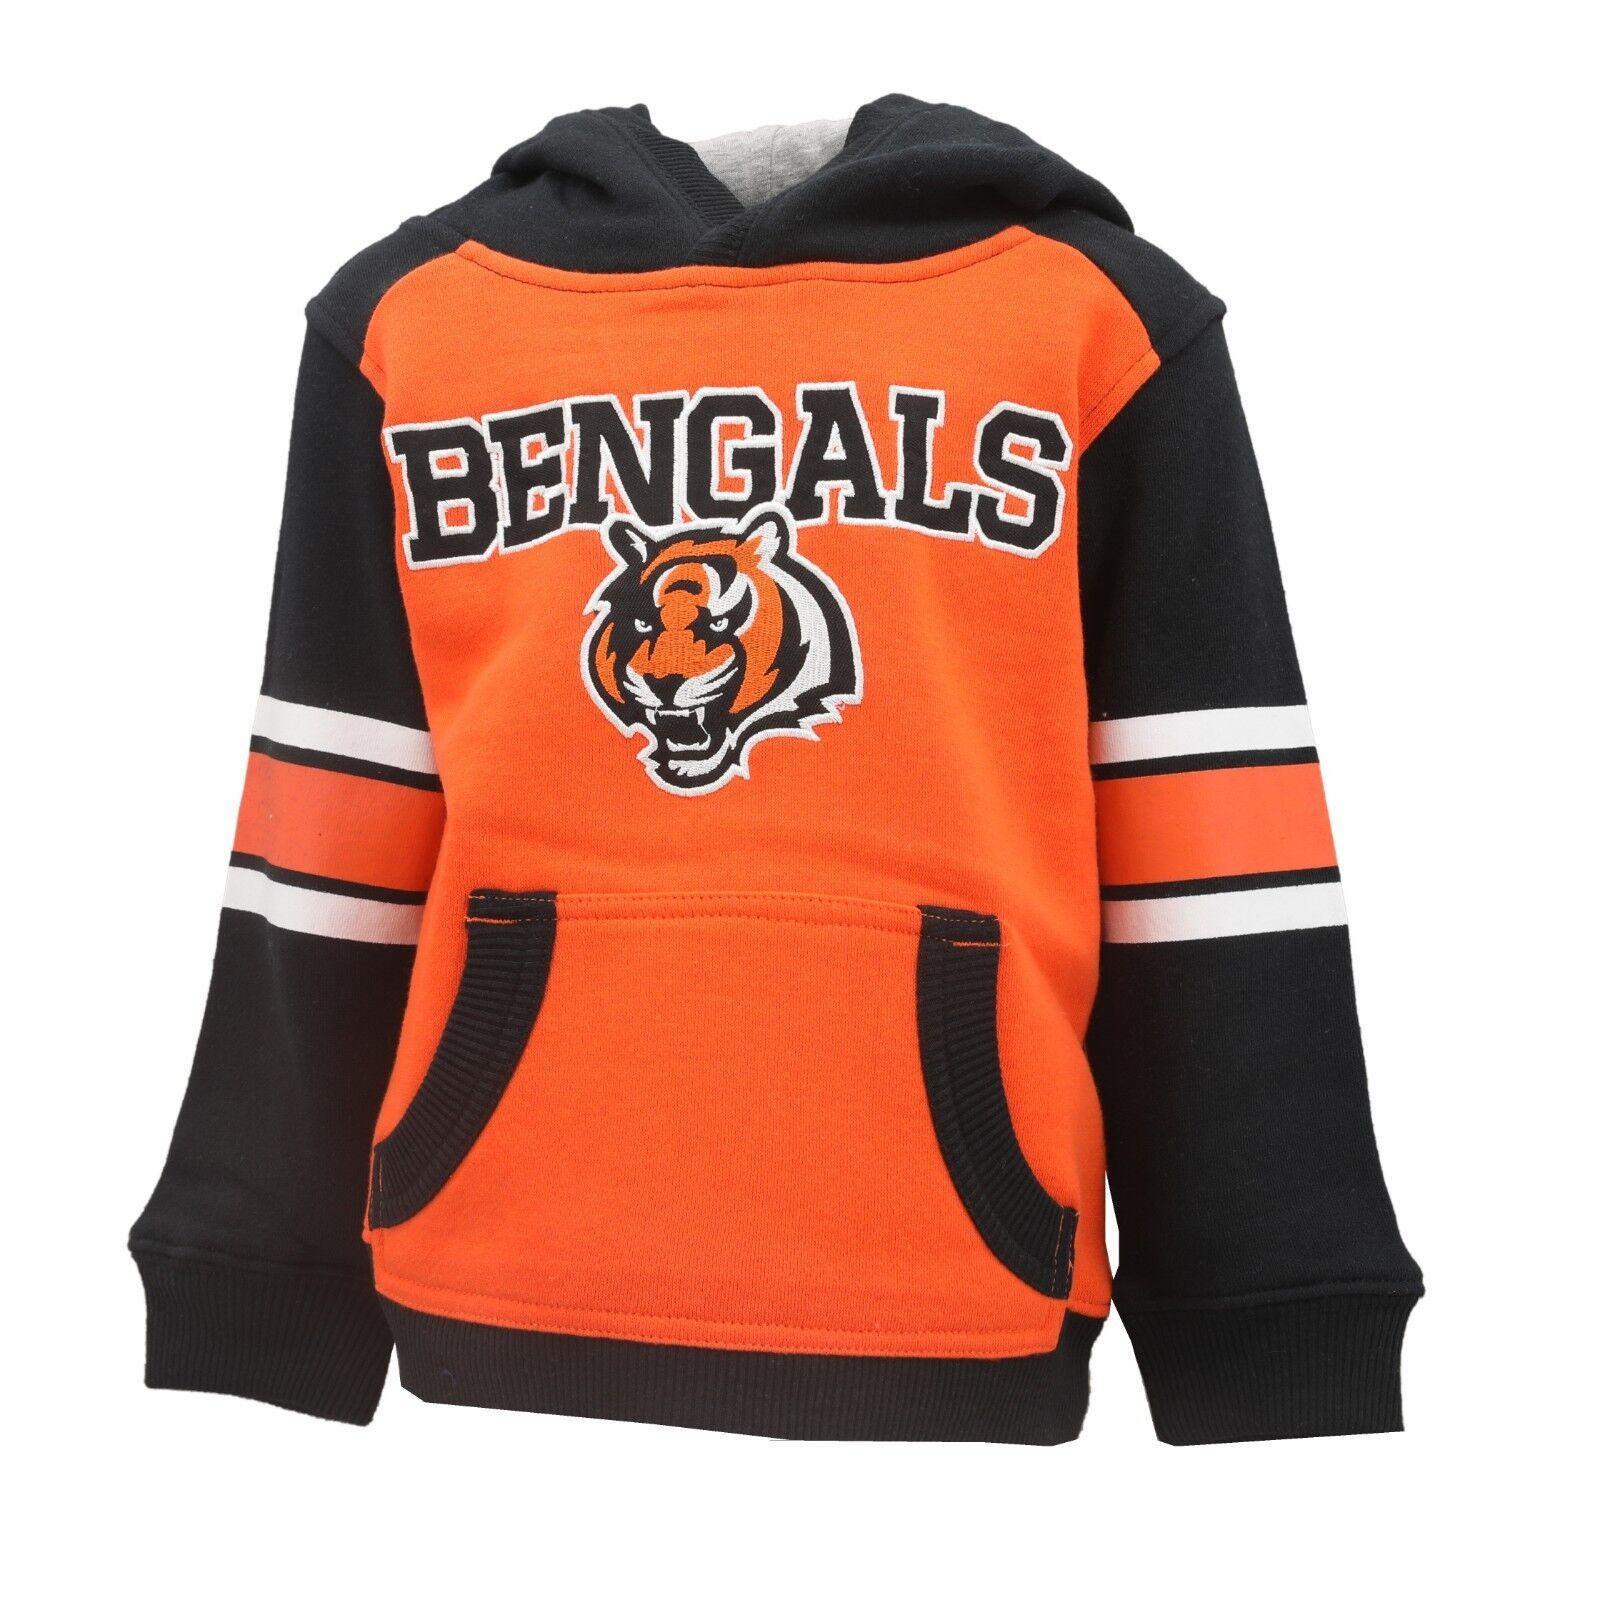 bengals hooded sweatshirt